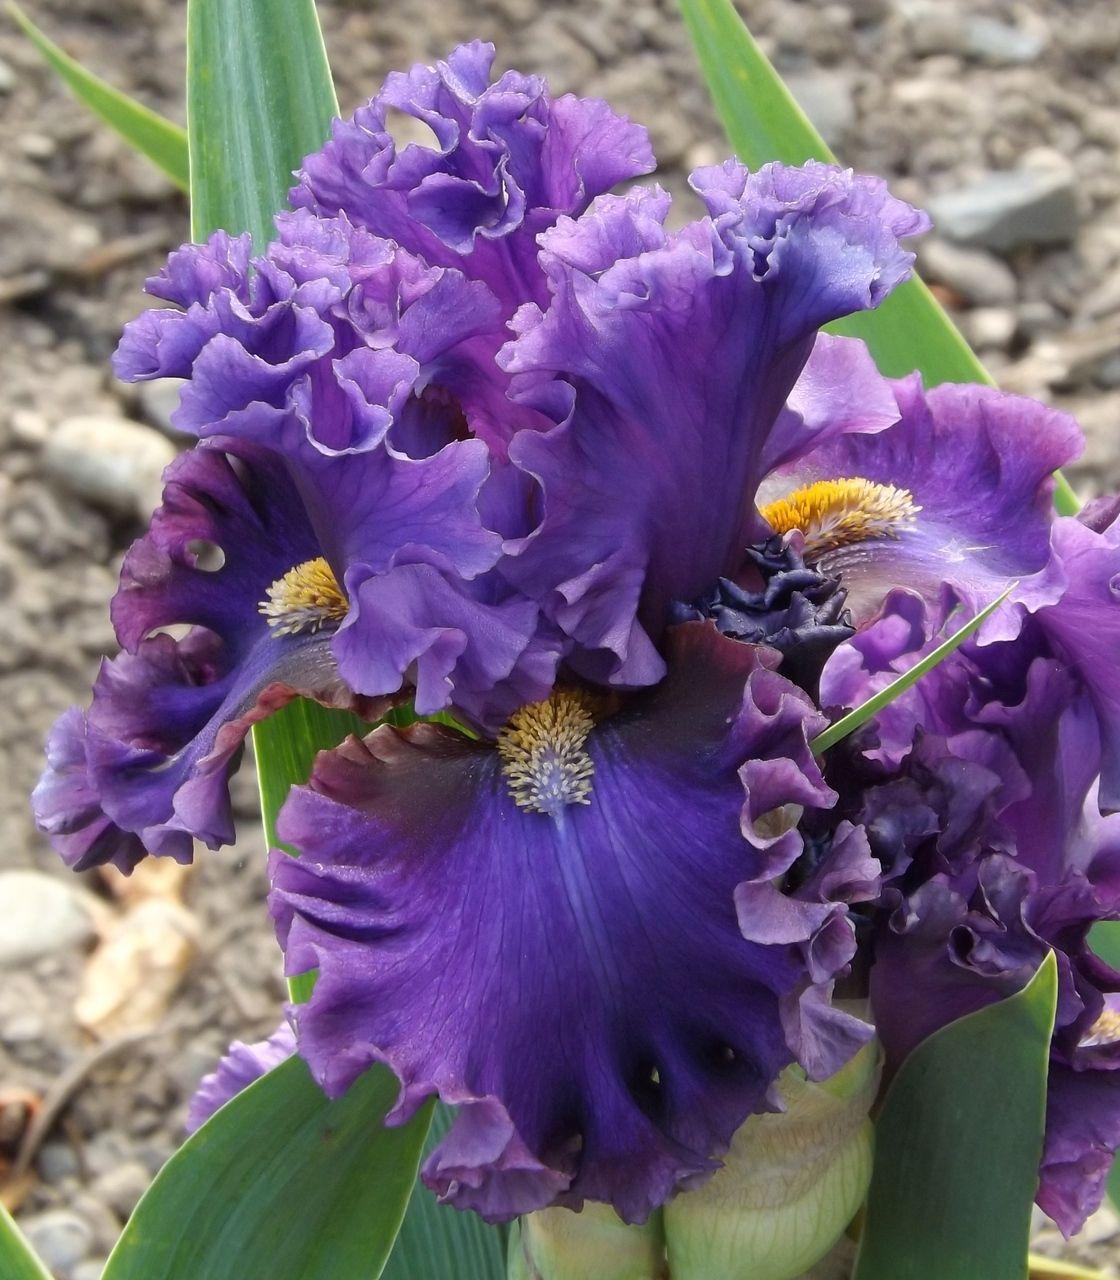 Pagan Knight Iris flowers, Iris garden, Beautiful flowers